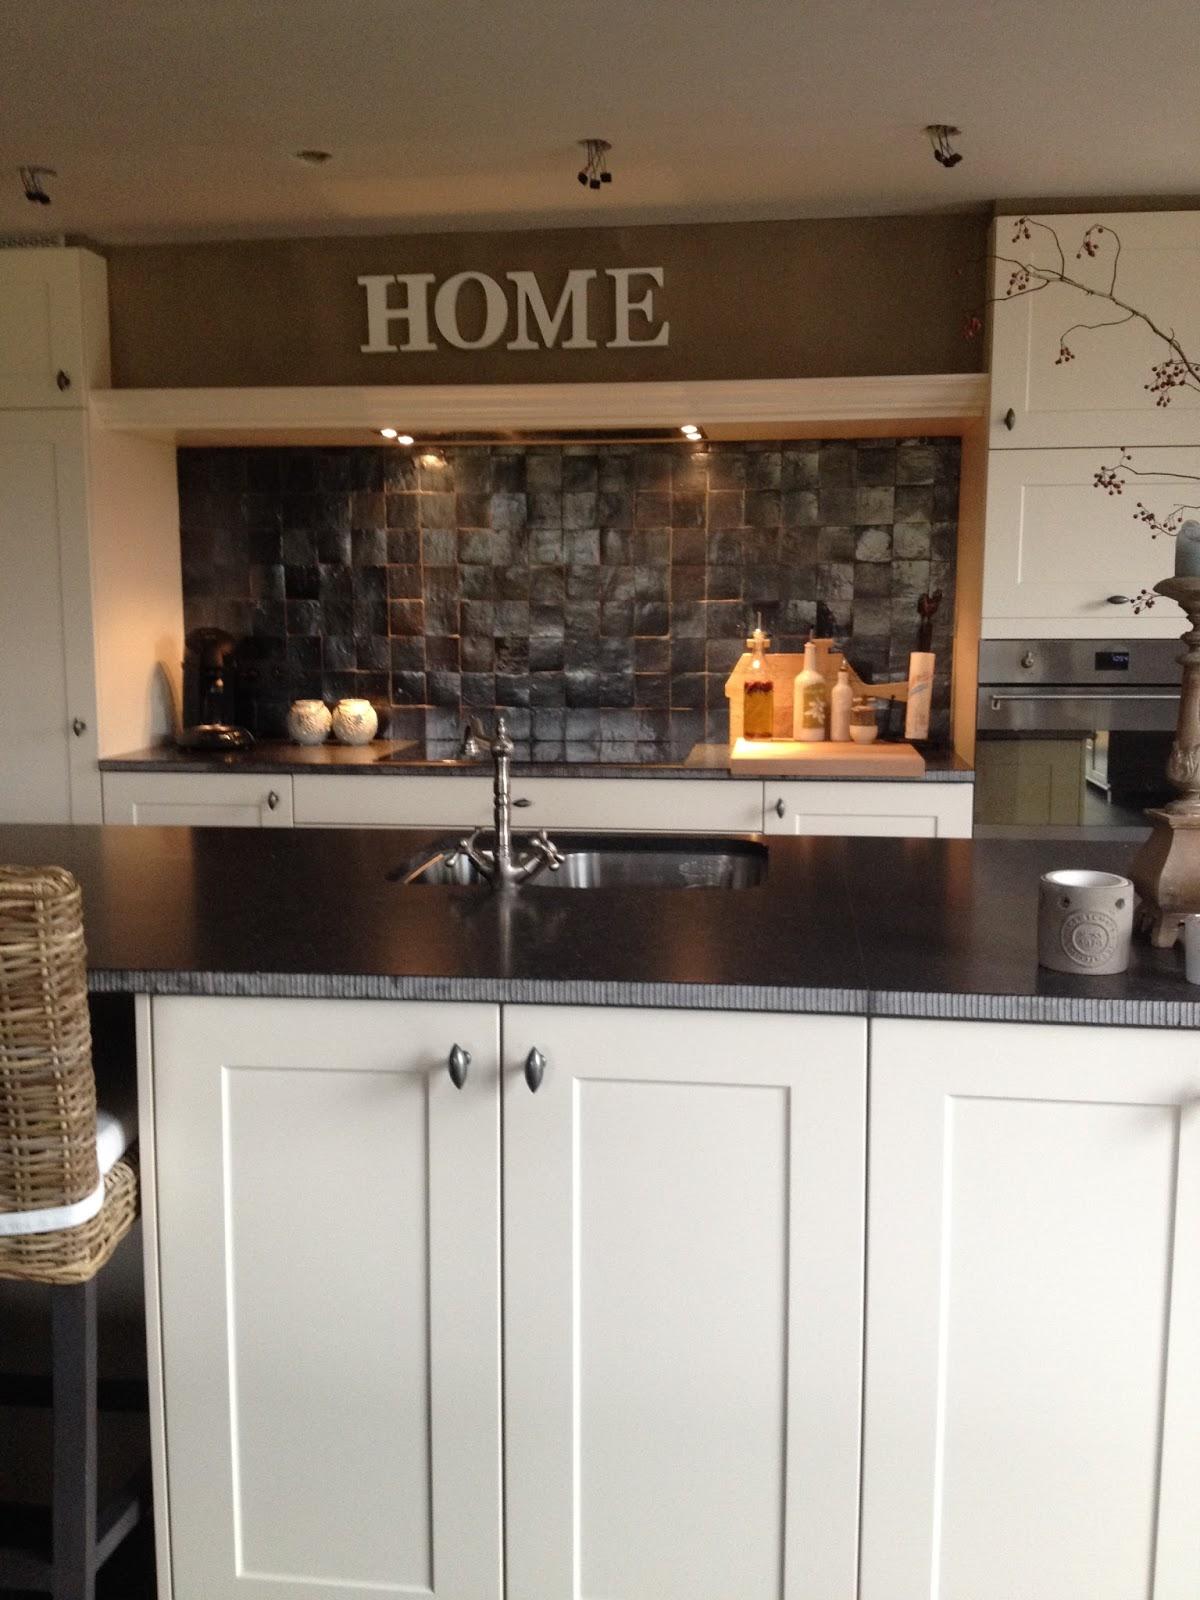 keuken wandtegels zonder voeg : Thuis Is Waar Zelliges